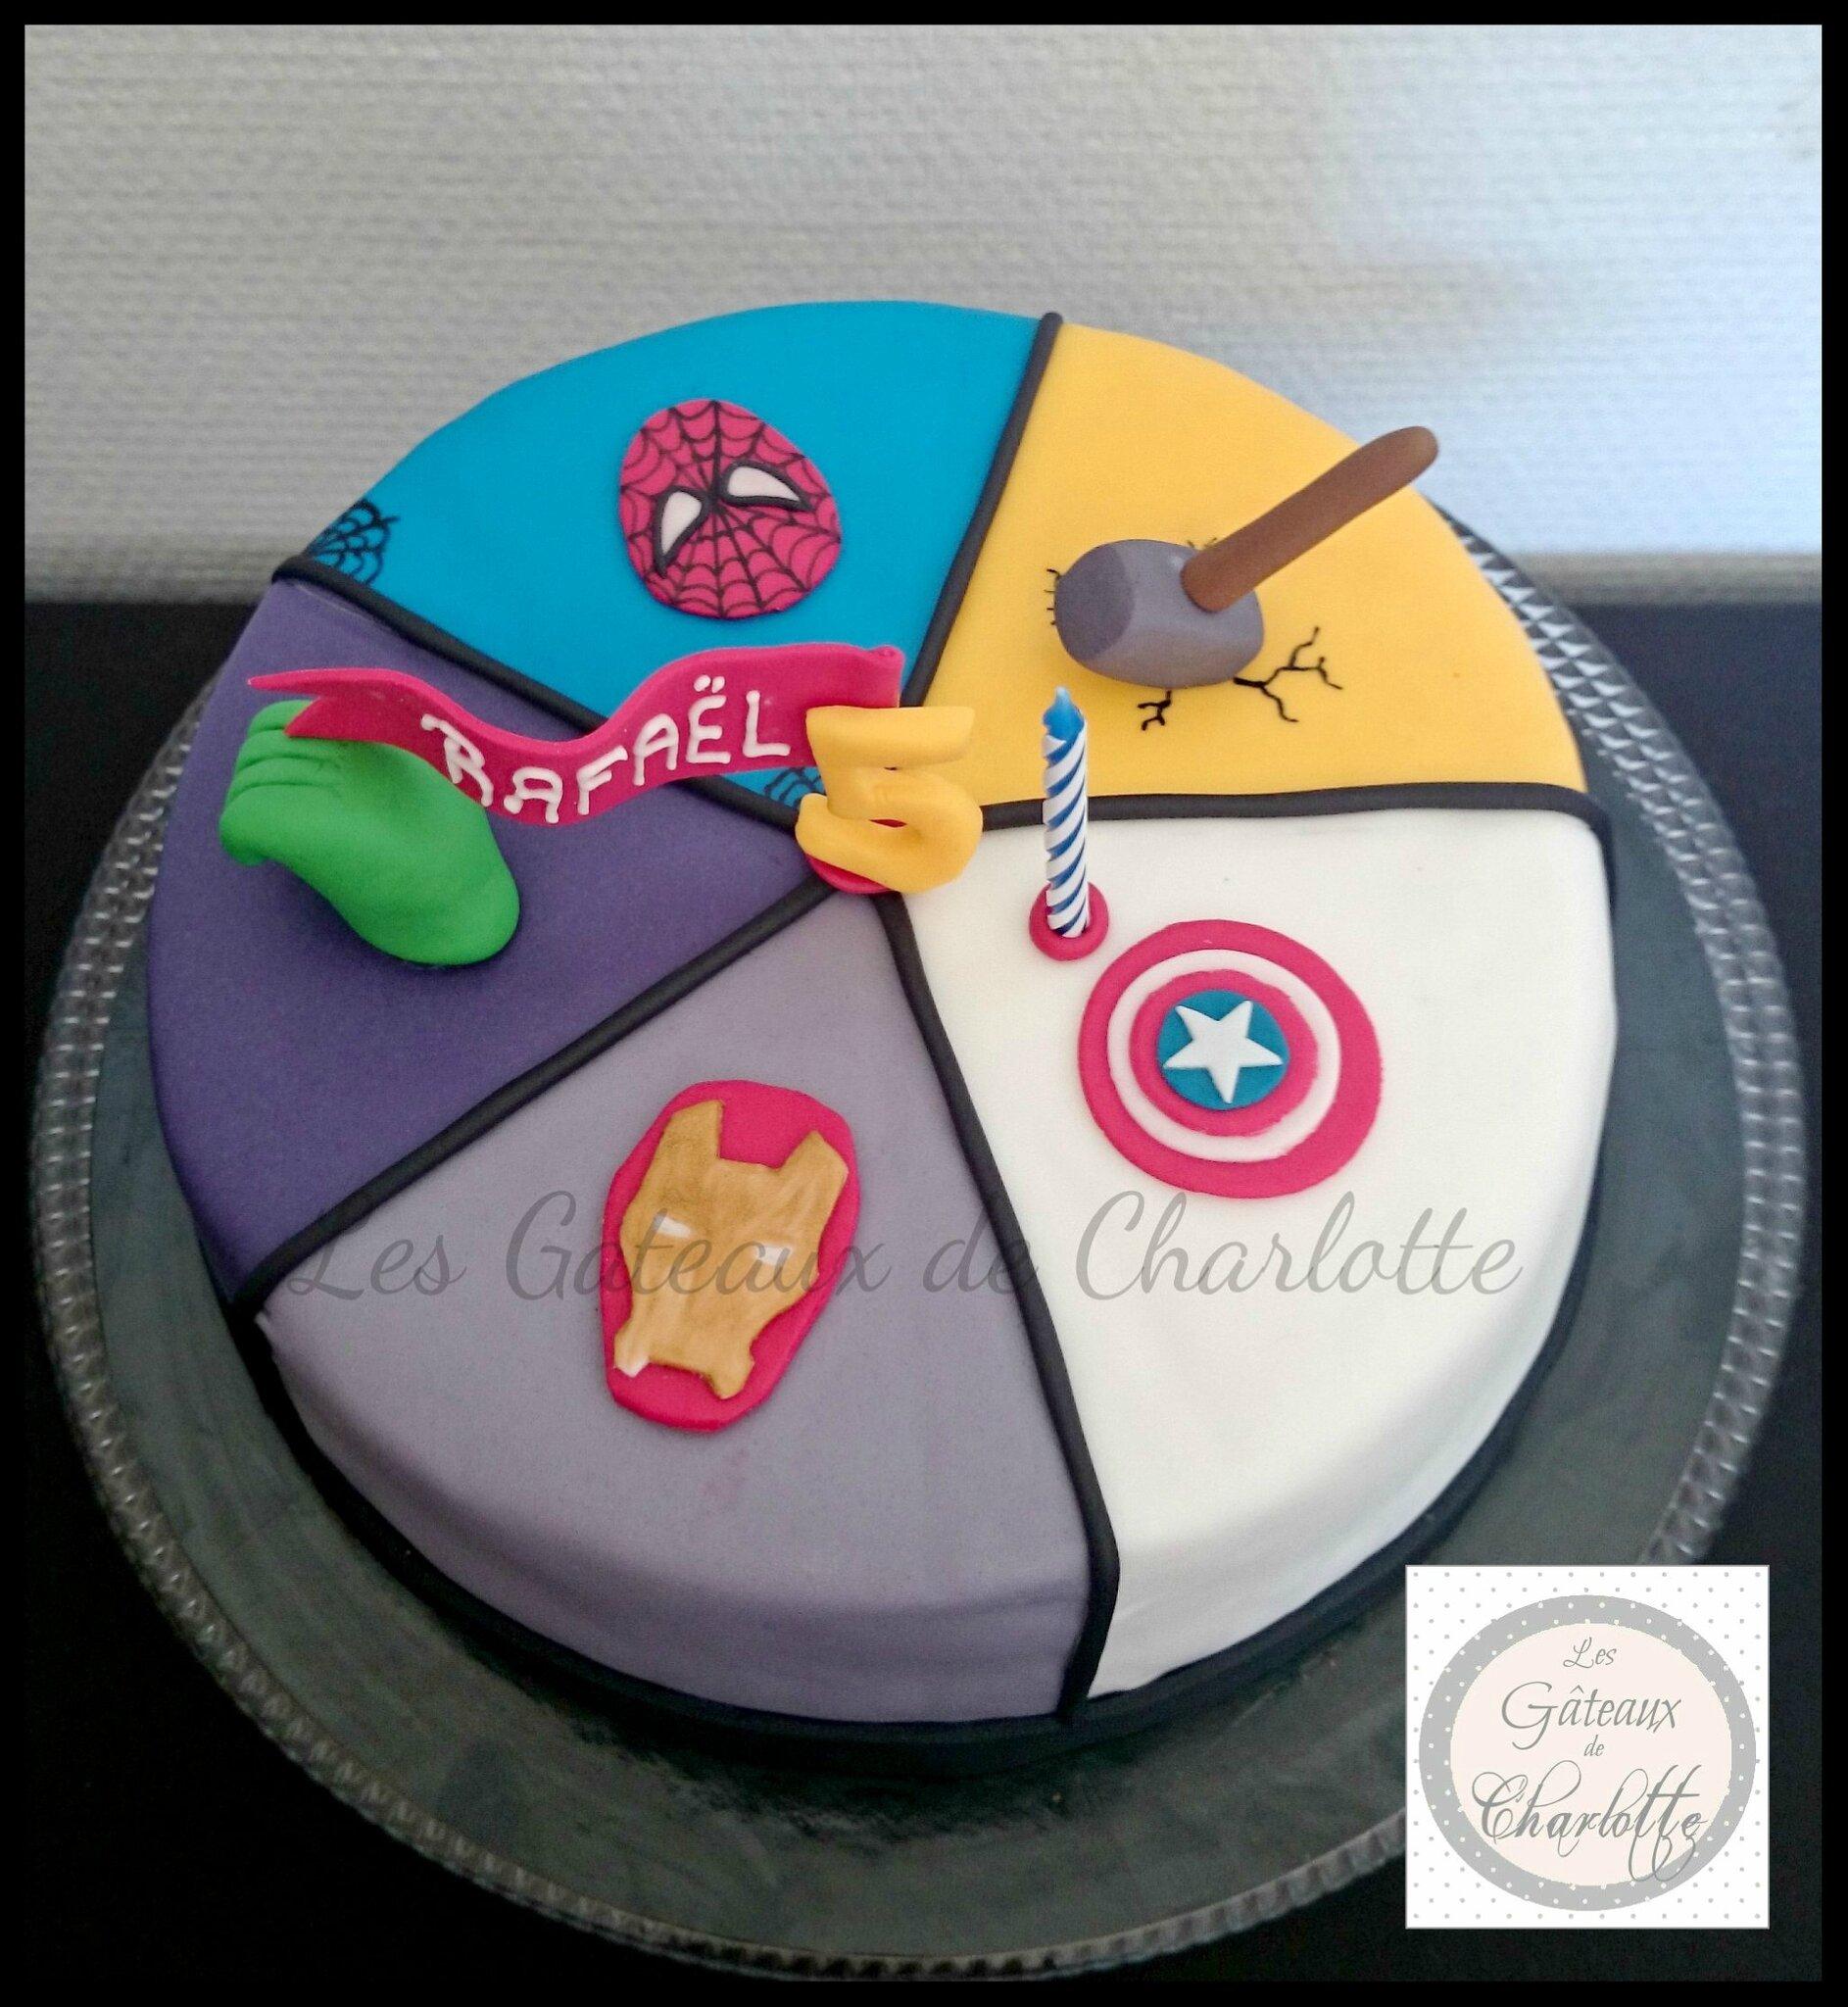 Très Gâteau Avengers - Les Gâteaux de Charlotte AF65